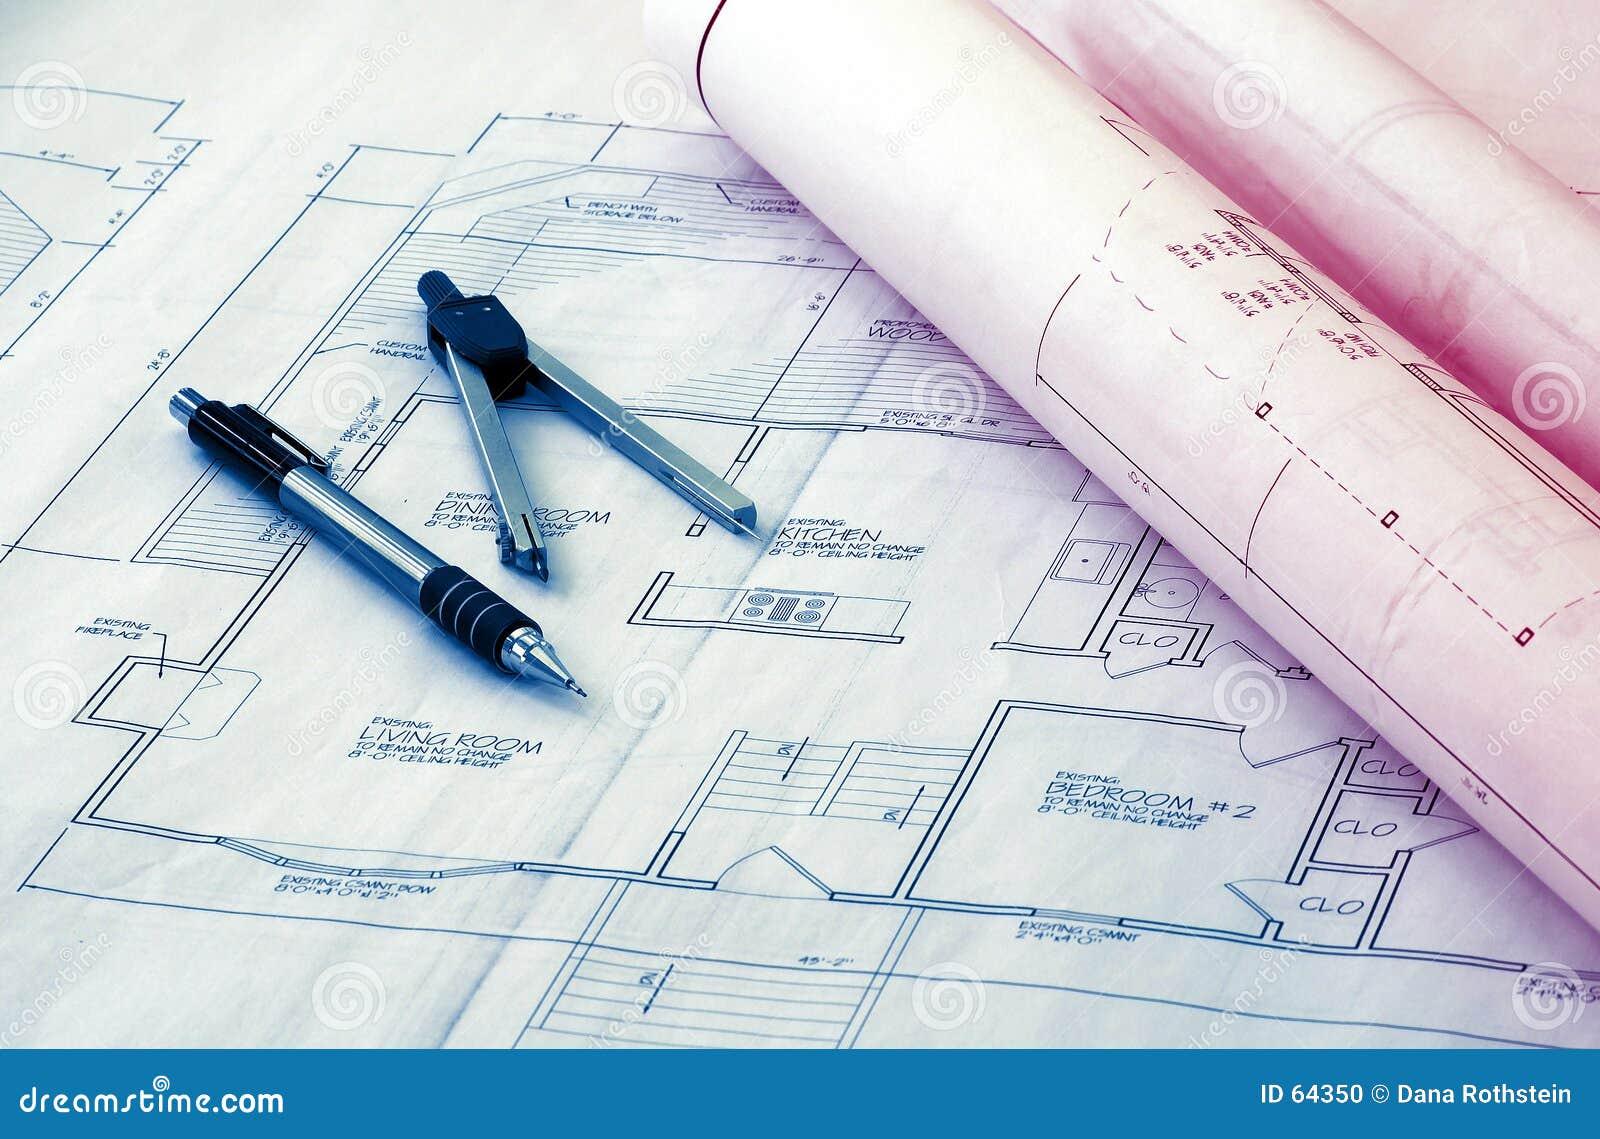 Download Modèles photo stock. Image du rénovation, construction, architecture - 64350